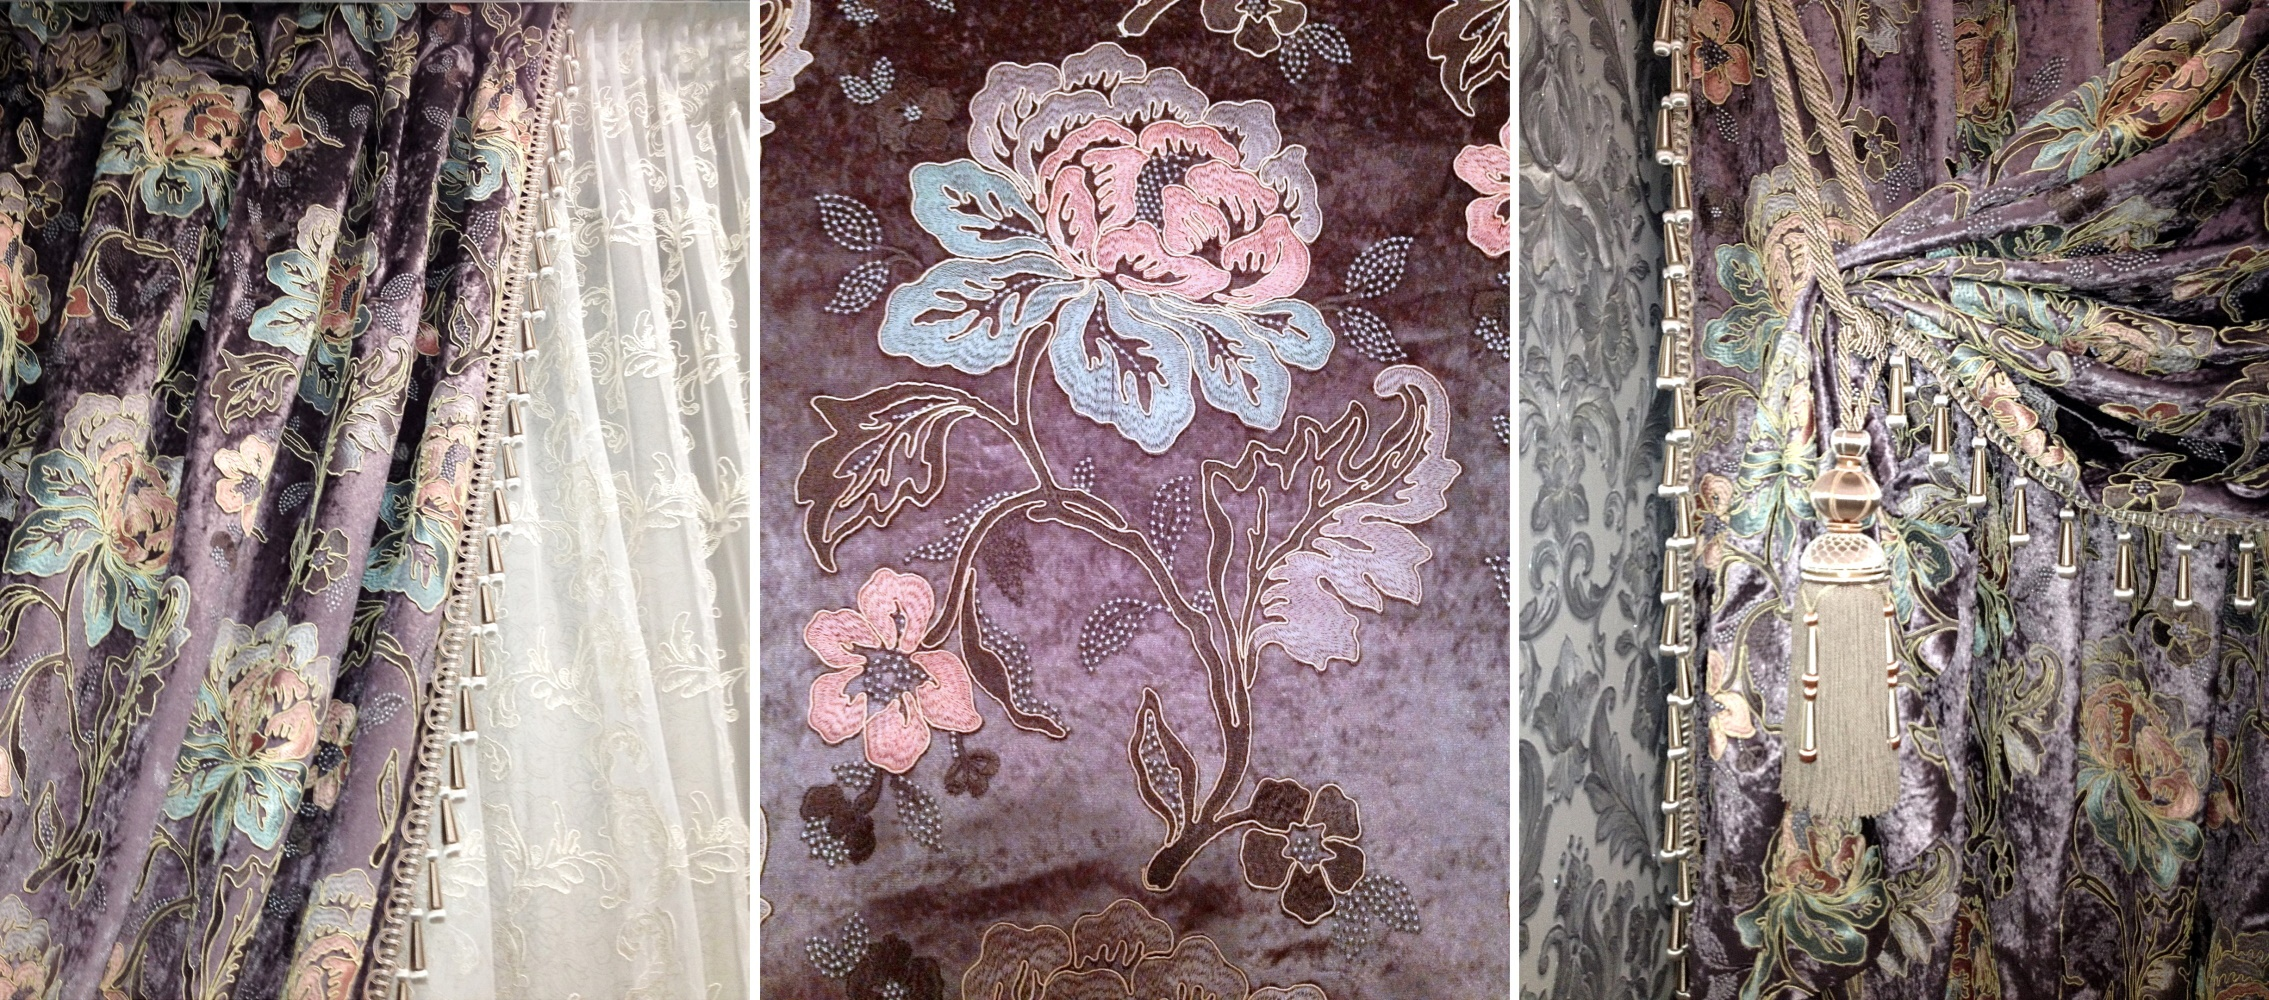 Проект Елены. Фрагмент шторы с отделкой, вышивка на портьерной ткани, декоративная кисть.